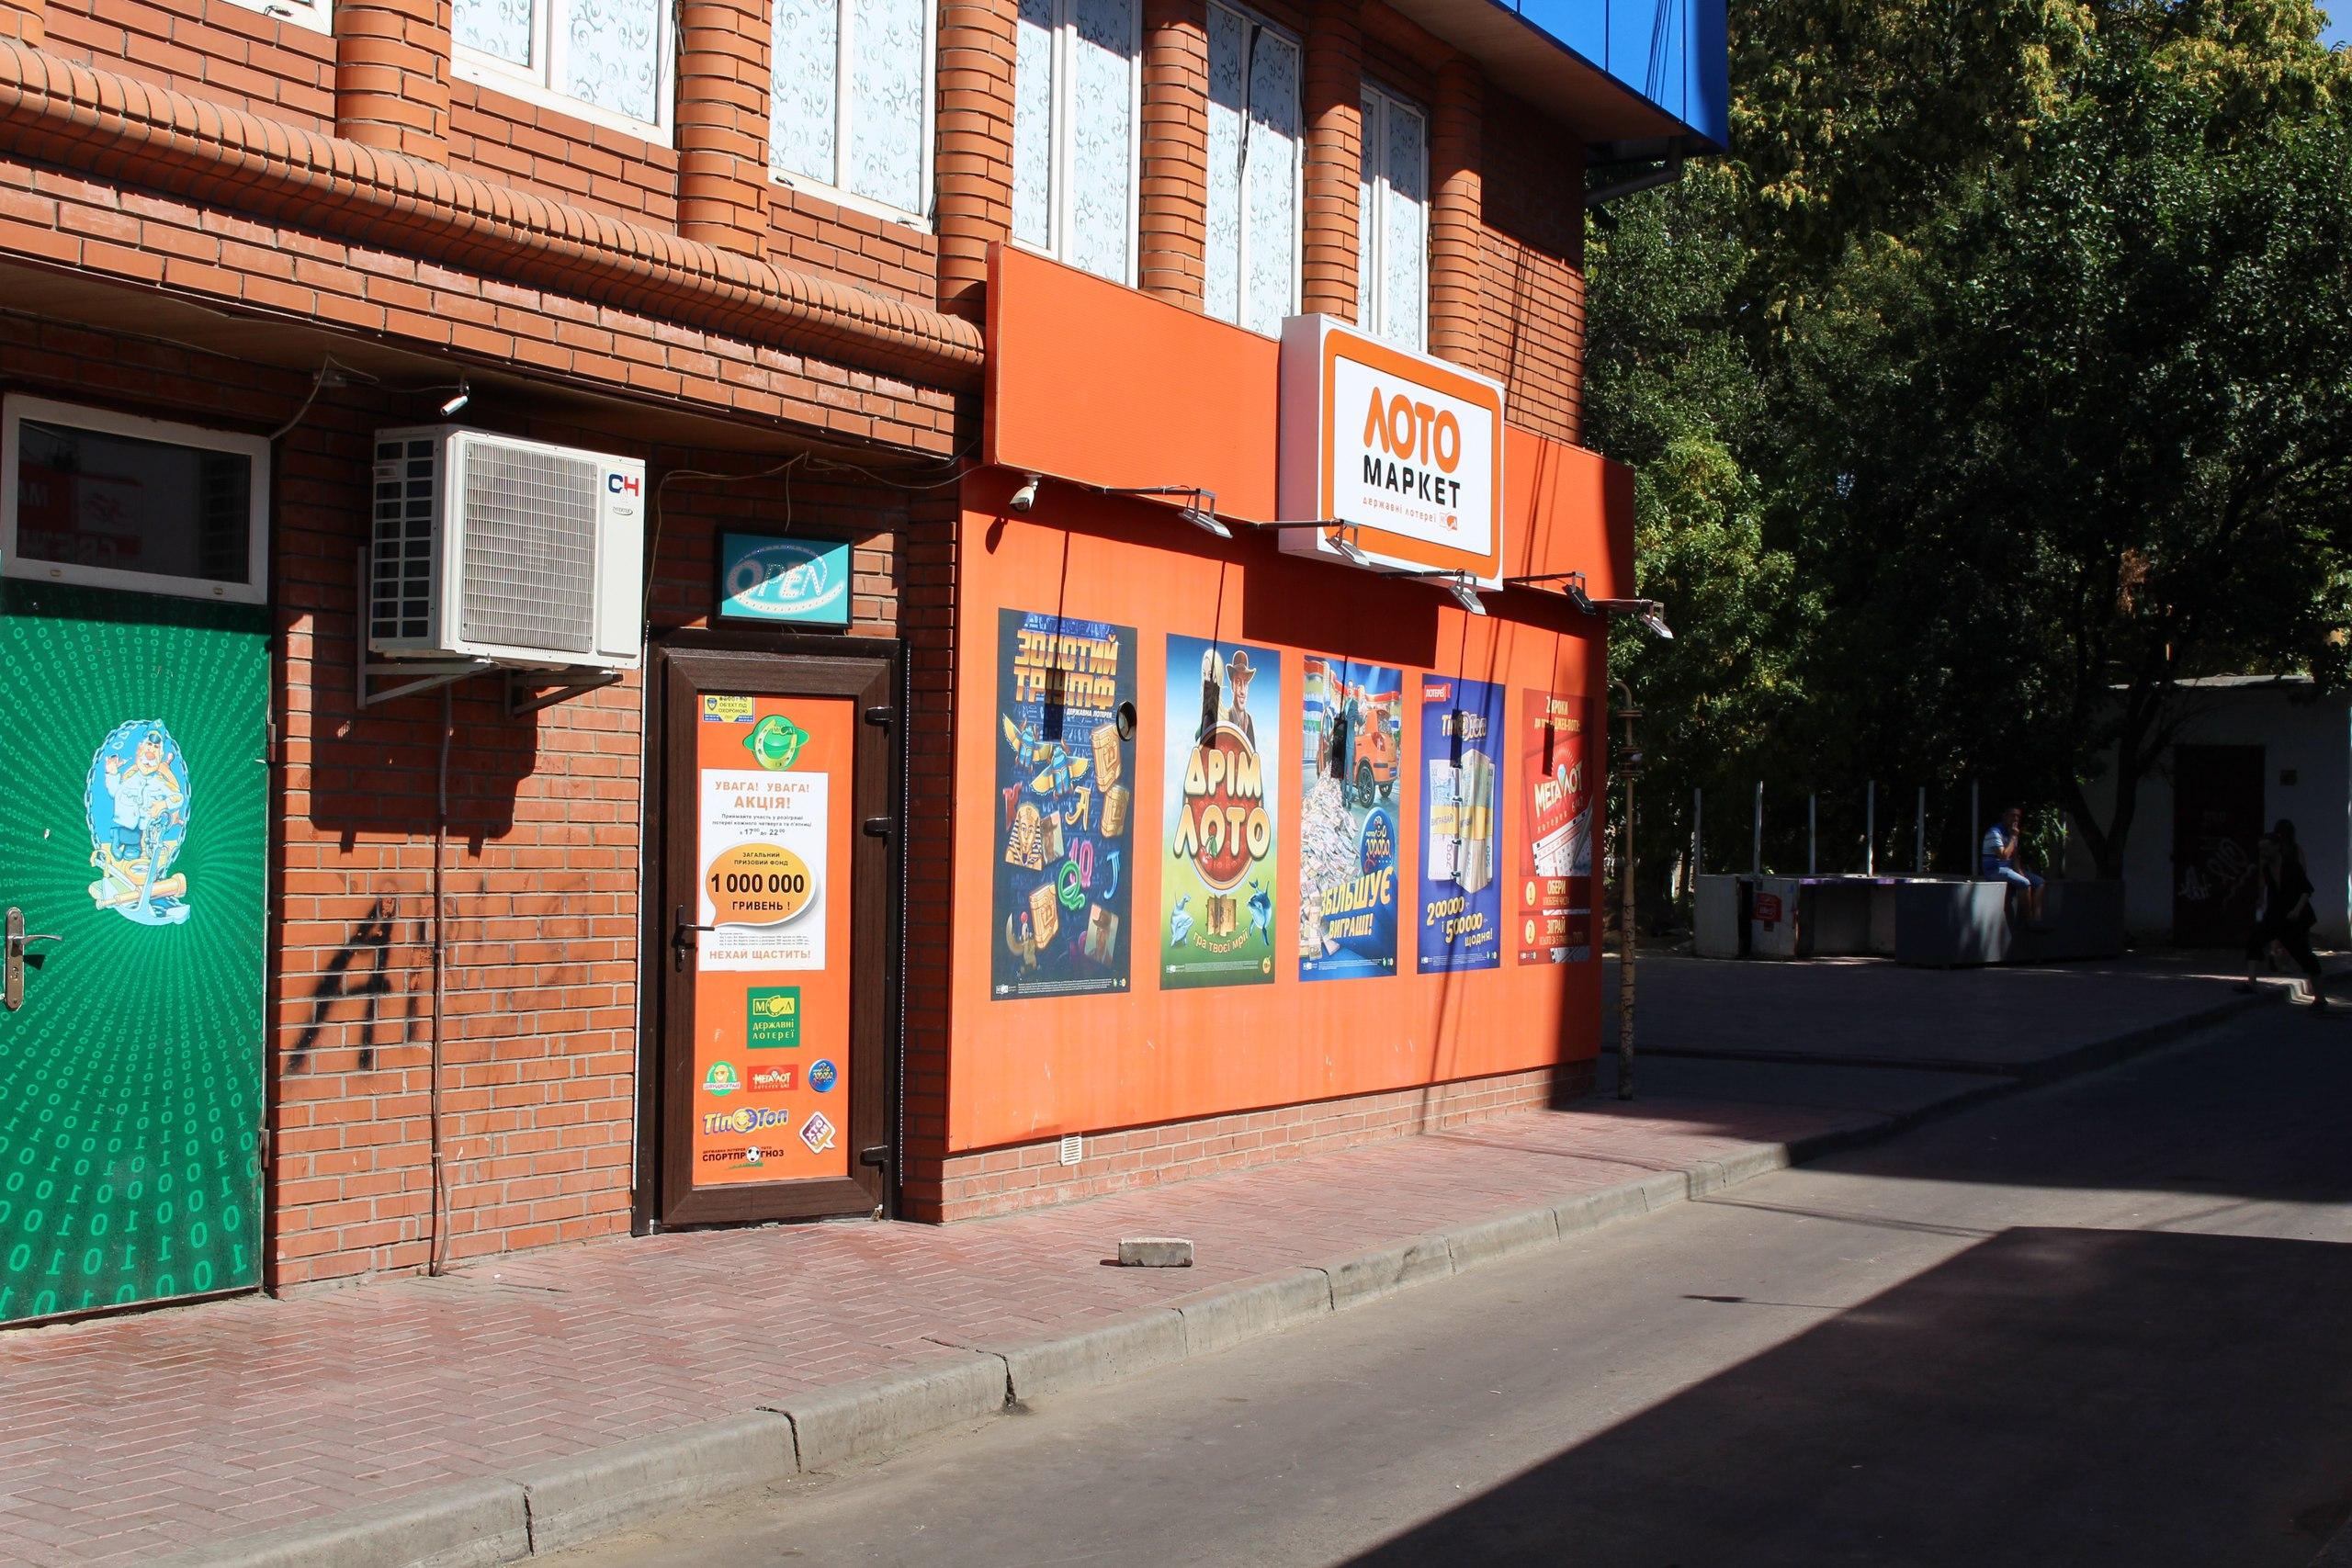 """Дітям страшно вийти: Миколаївці скаржаться на цілодобовий """"гендель"""" на ринку """"Юліана"""""""